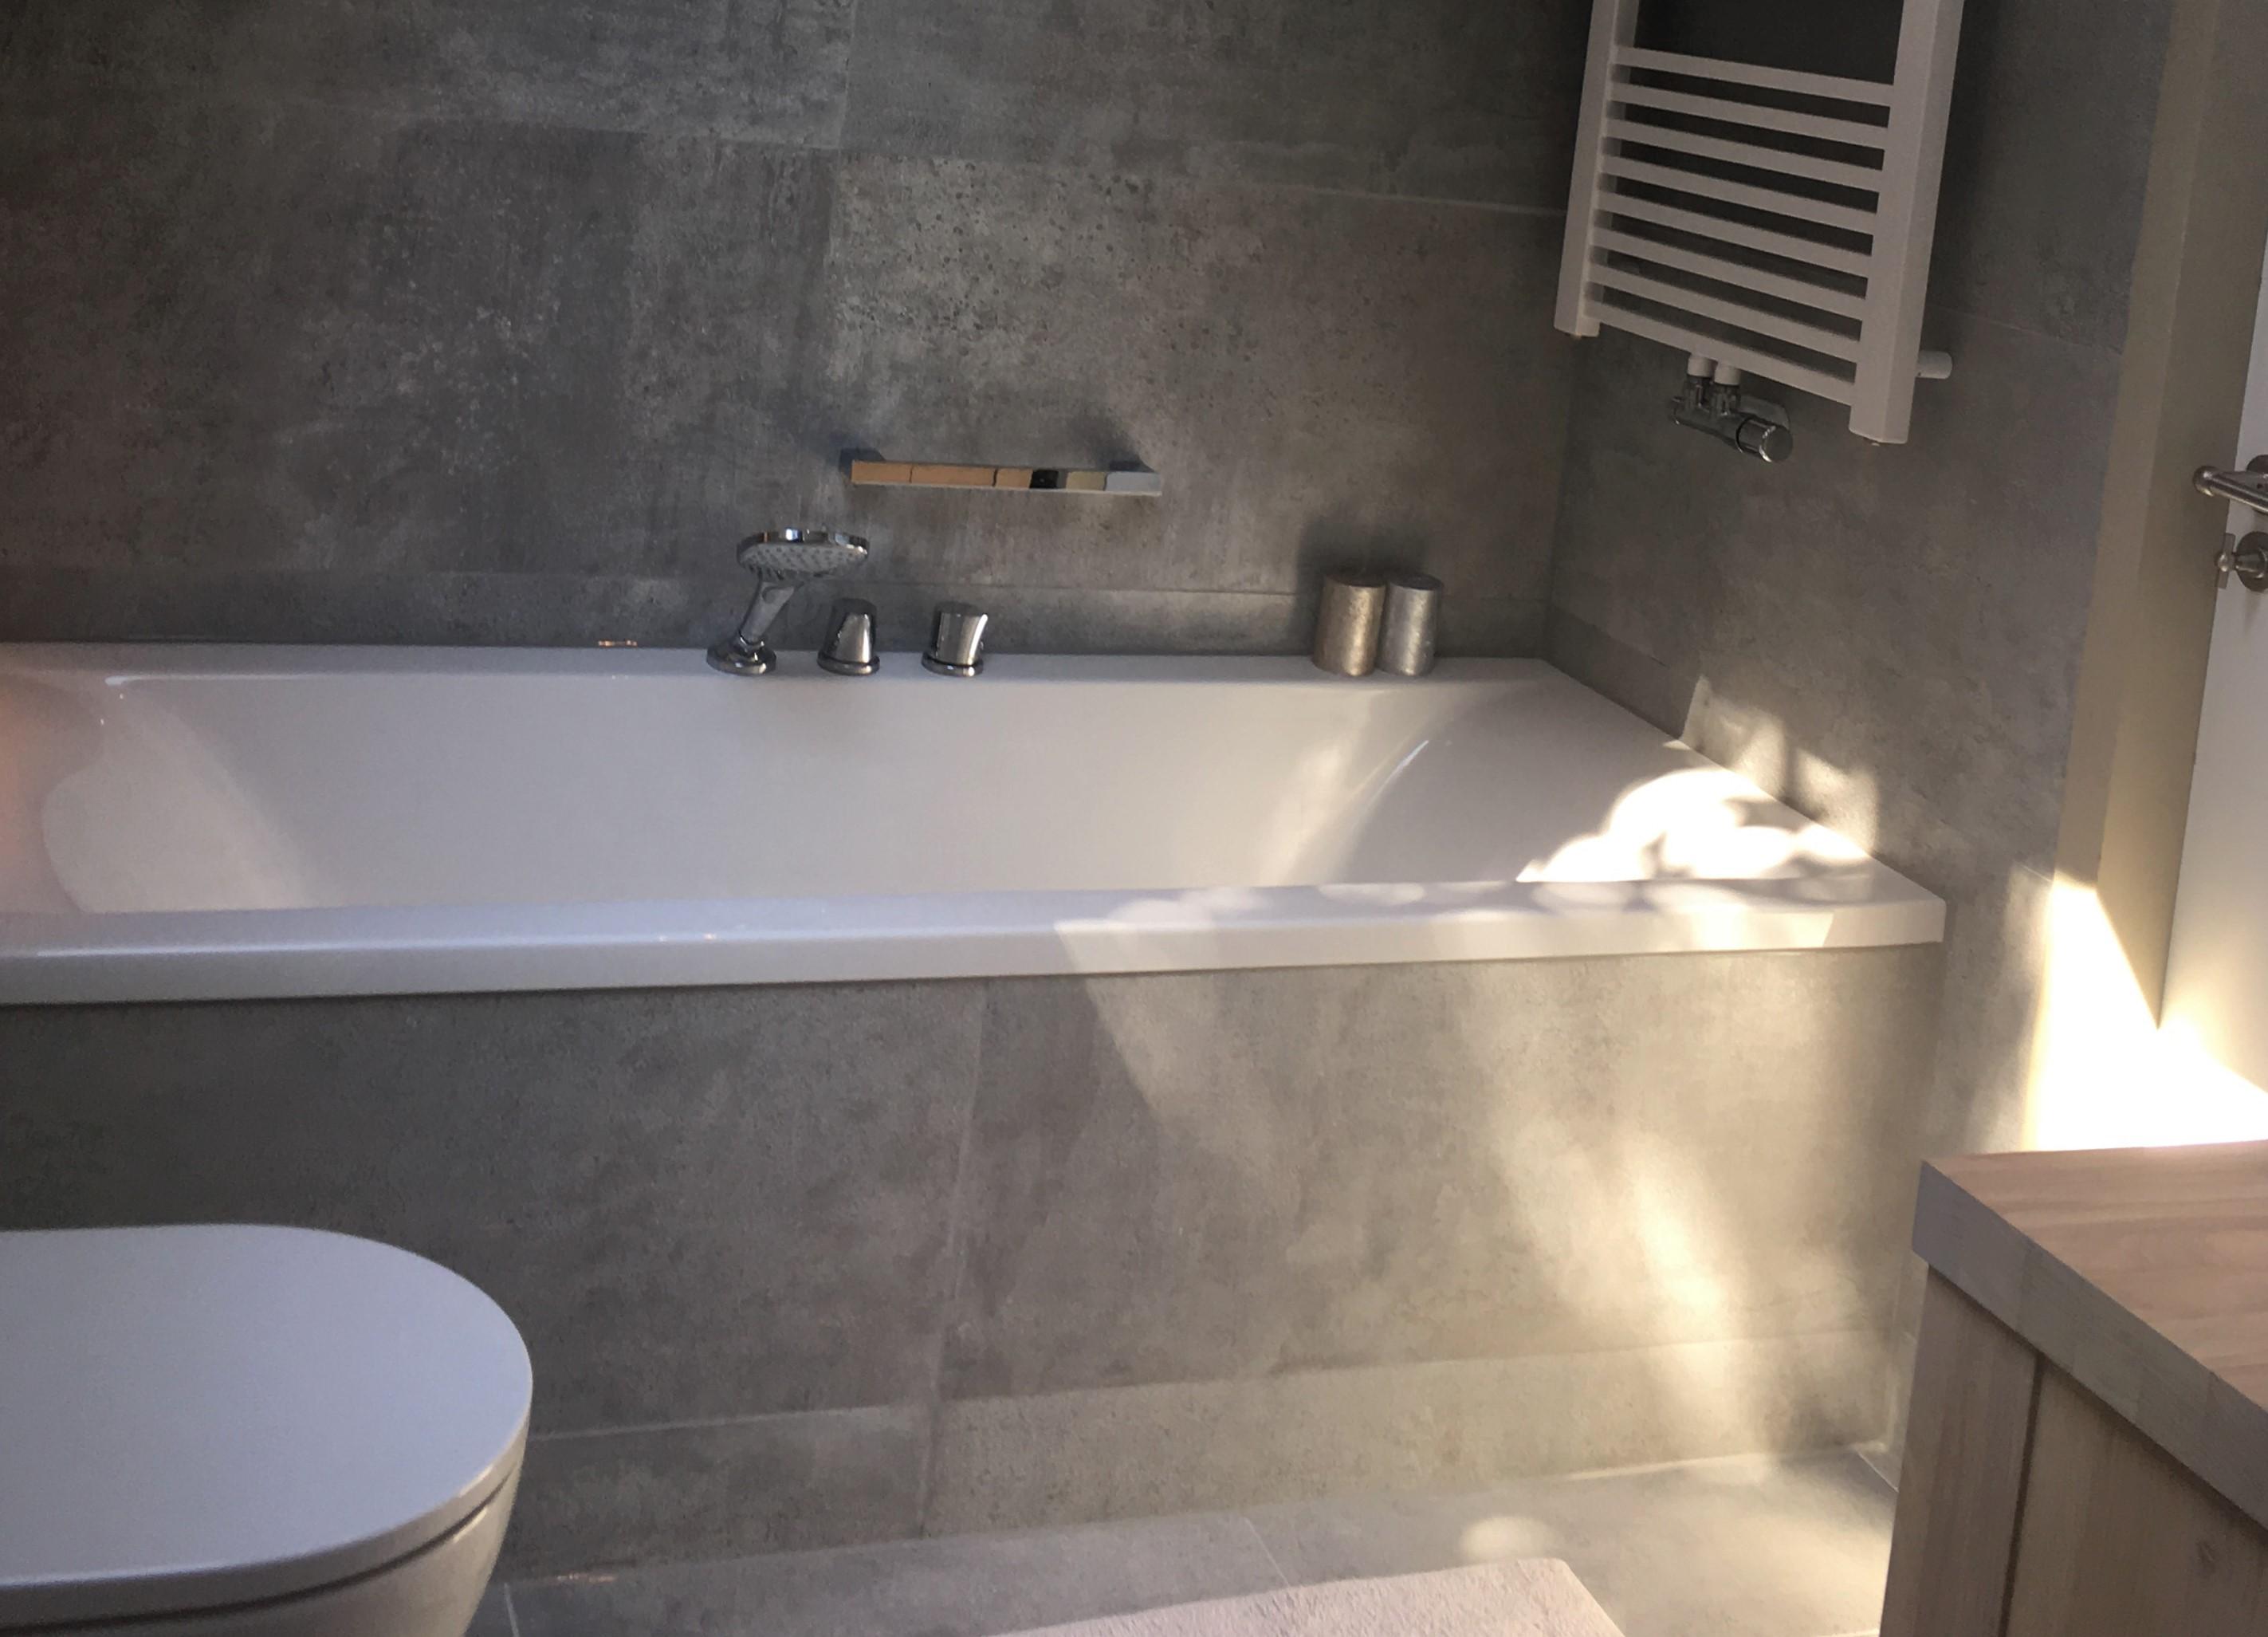 Interieur Natuur Badkamer : Van manen badkamers archieven woonkrant barneveld